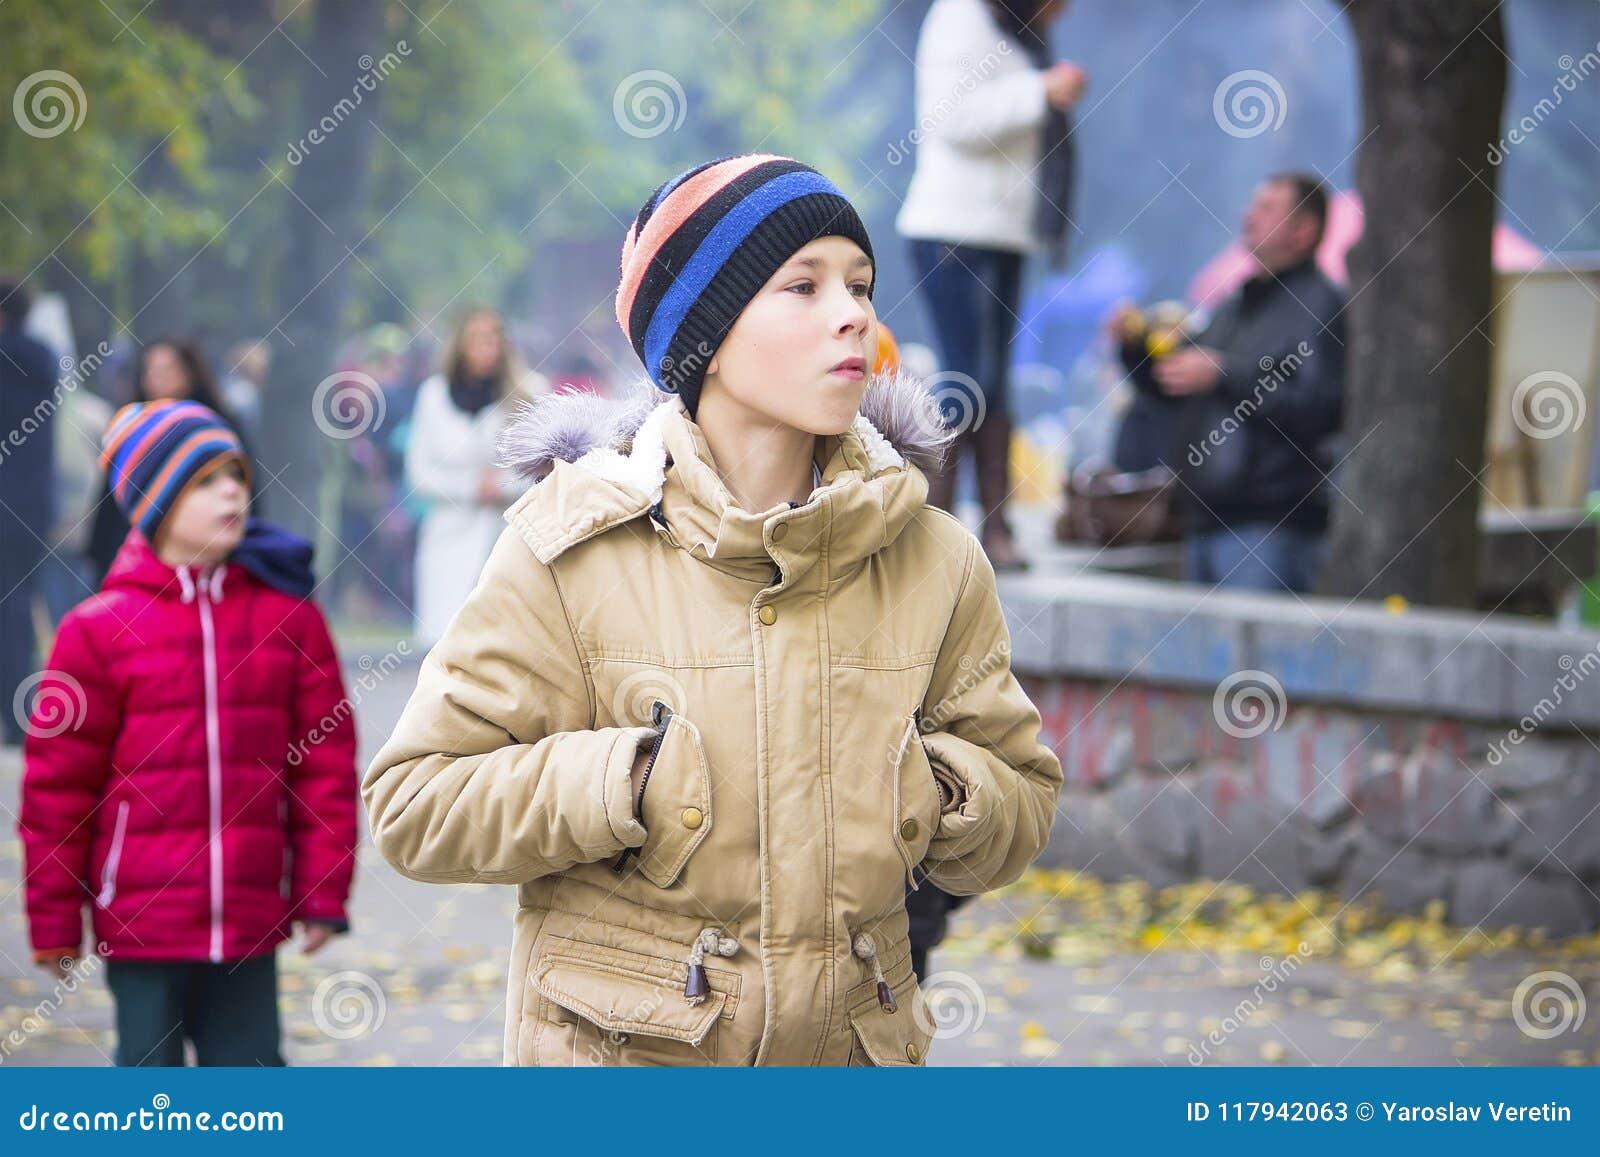 Мальчик смотрит вне на событии